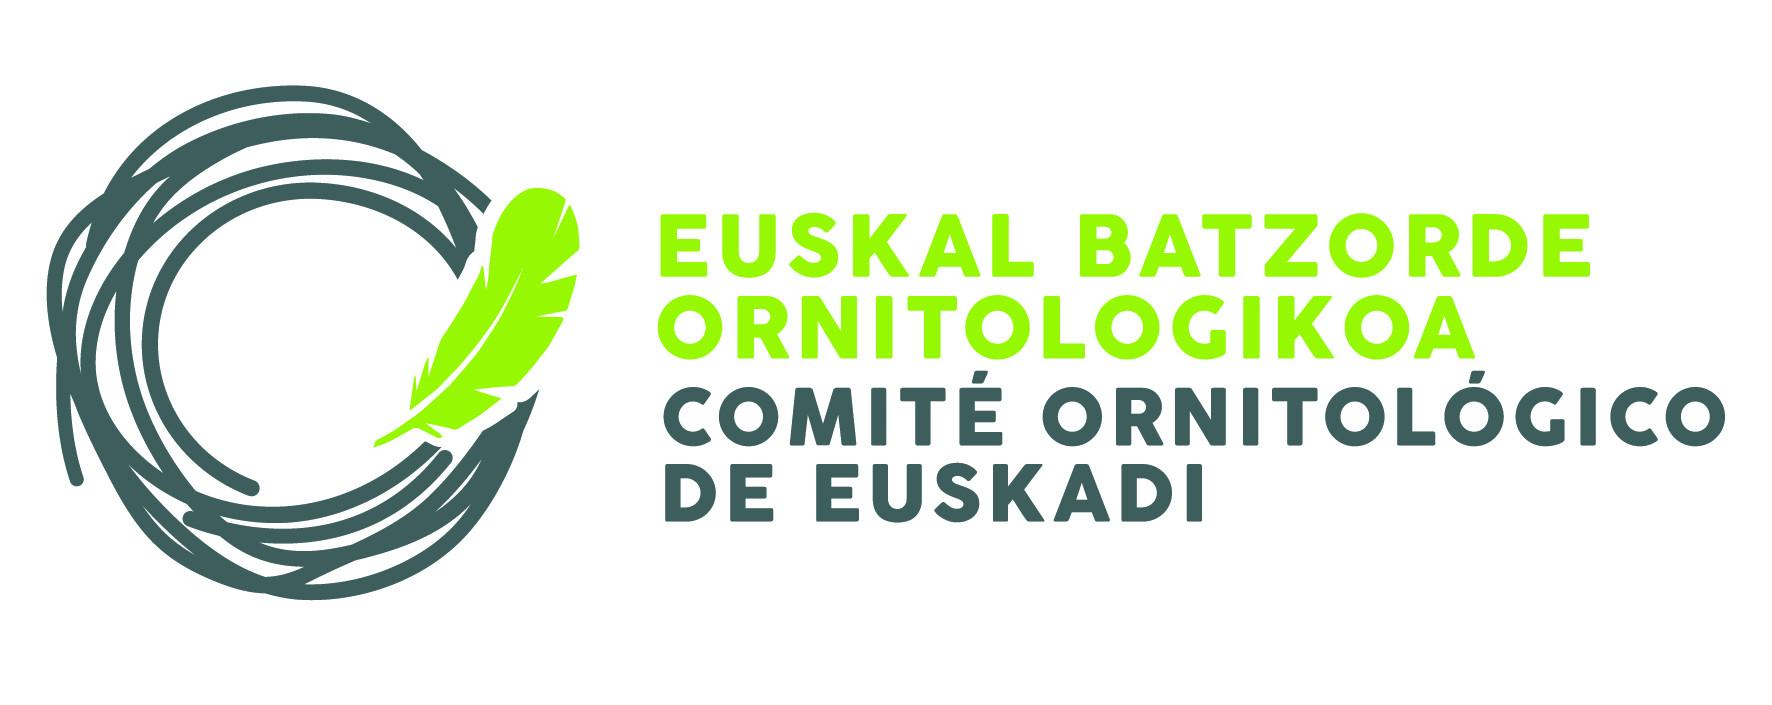 Ornitologia.eus